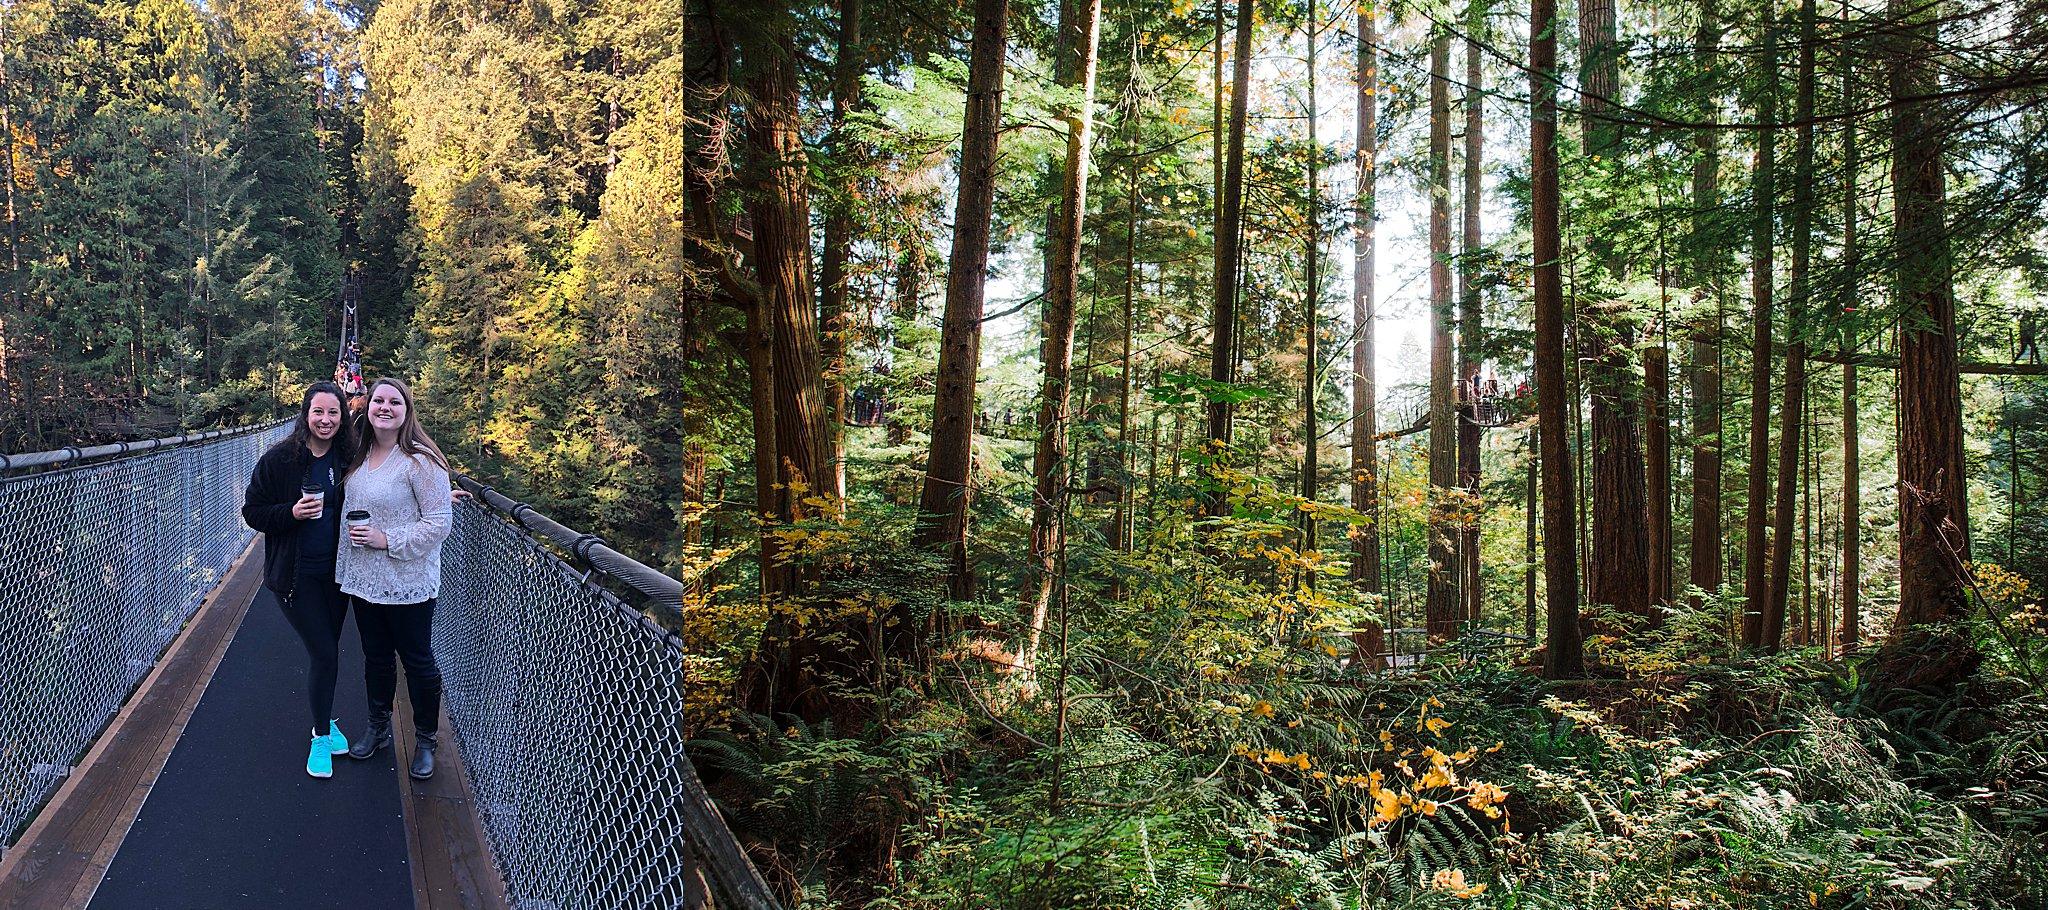 capilano suspension bridge, vancouver, things to do in vancouver, suspension bridge, cliffwalk, treetops adventure, visit british columbia, canada